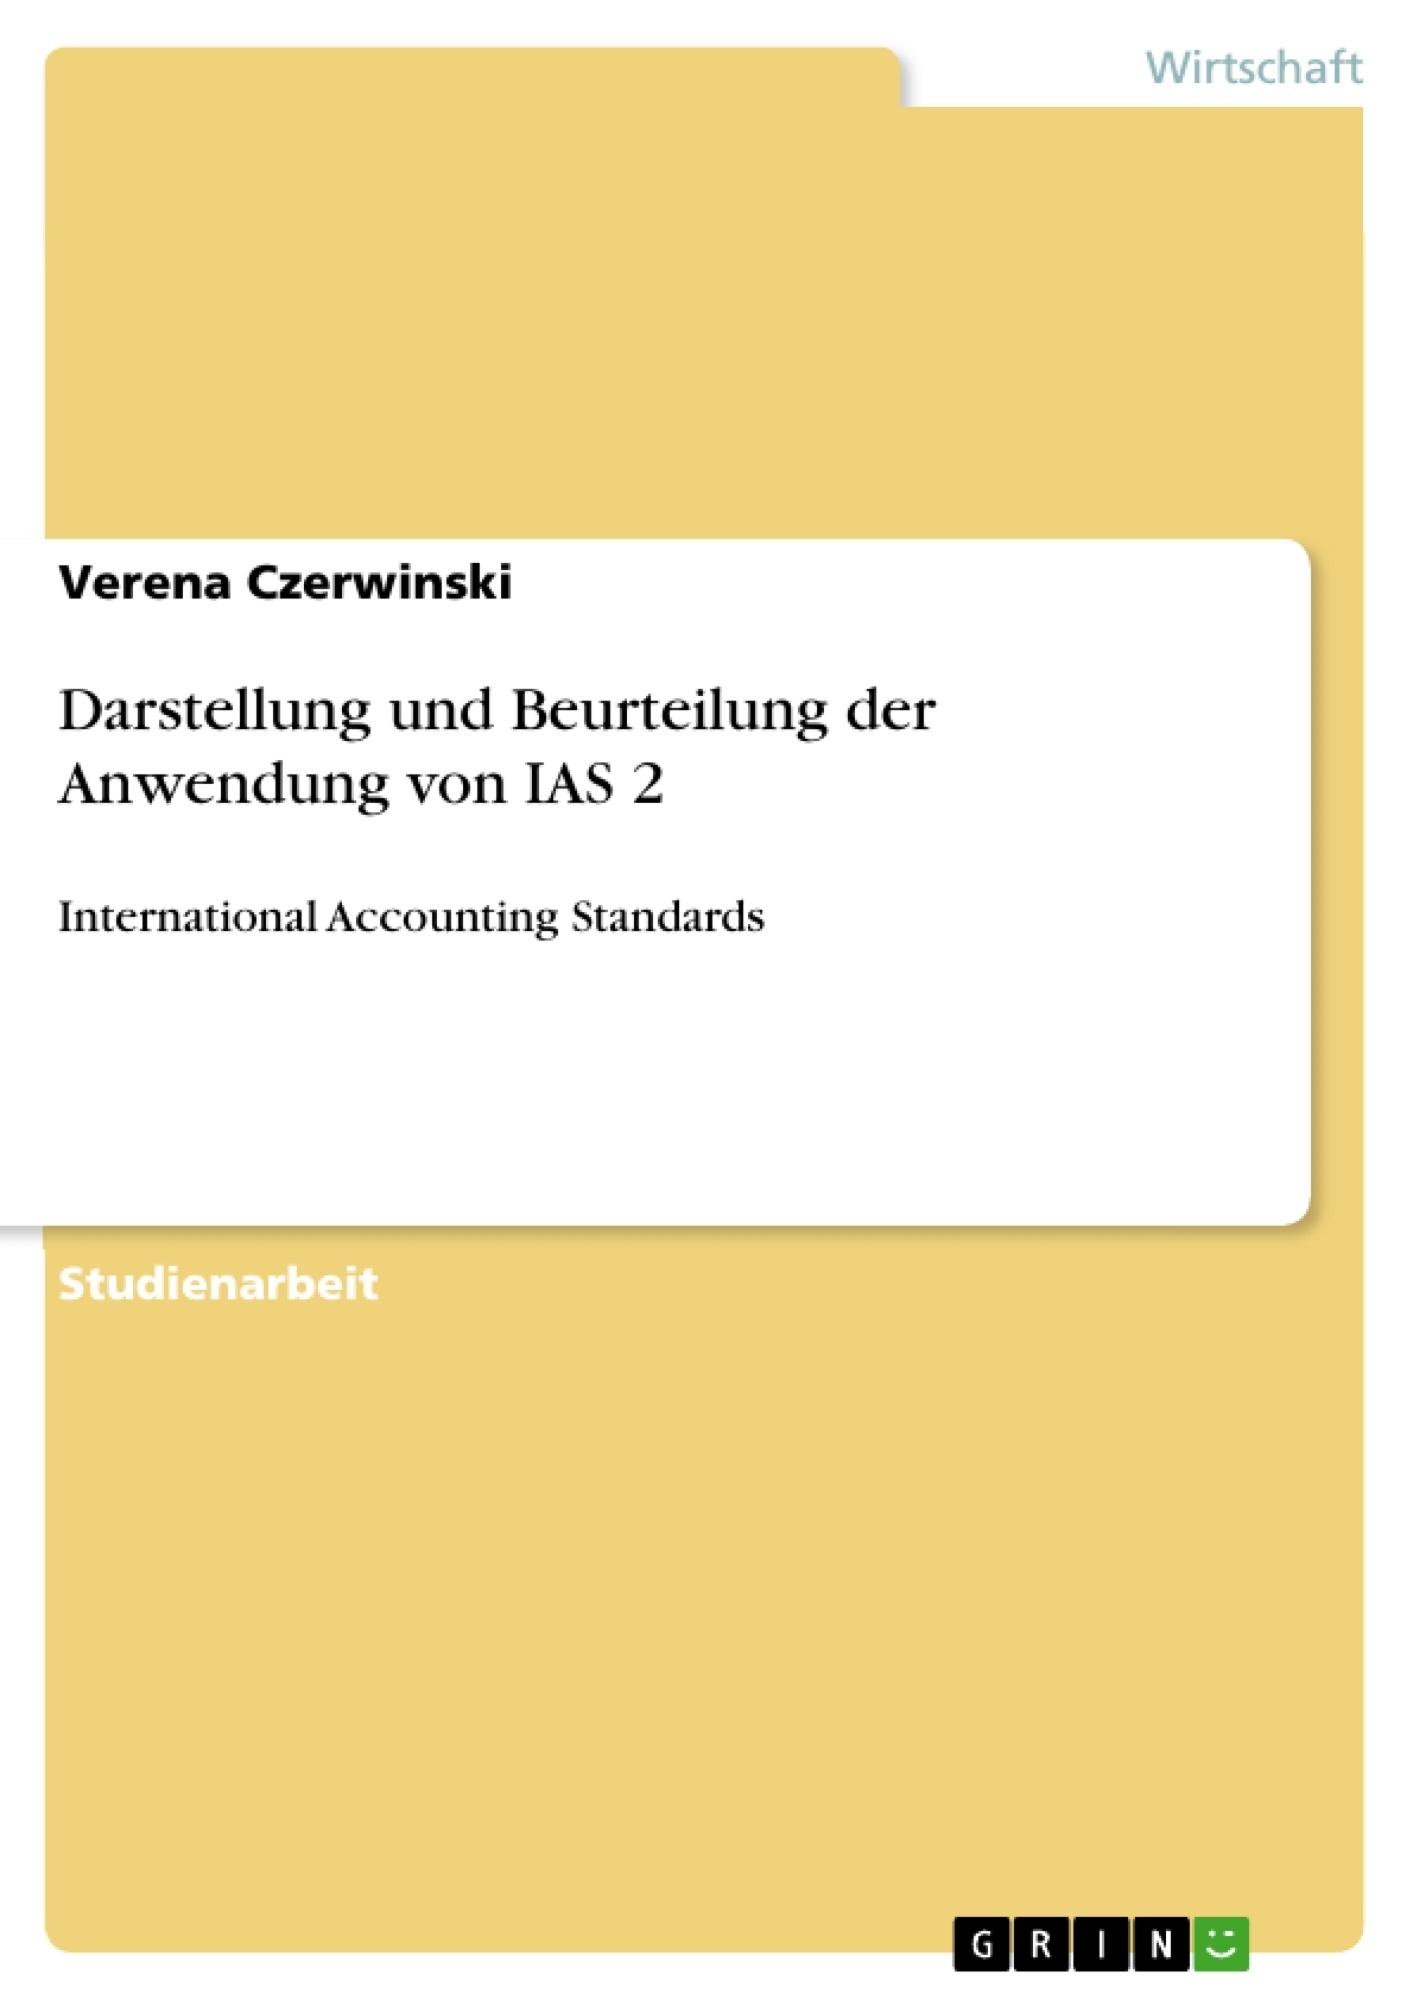 Titel: Darstellung und Beurteilung der Anwendung von IAS 2